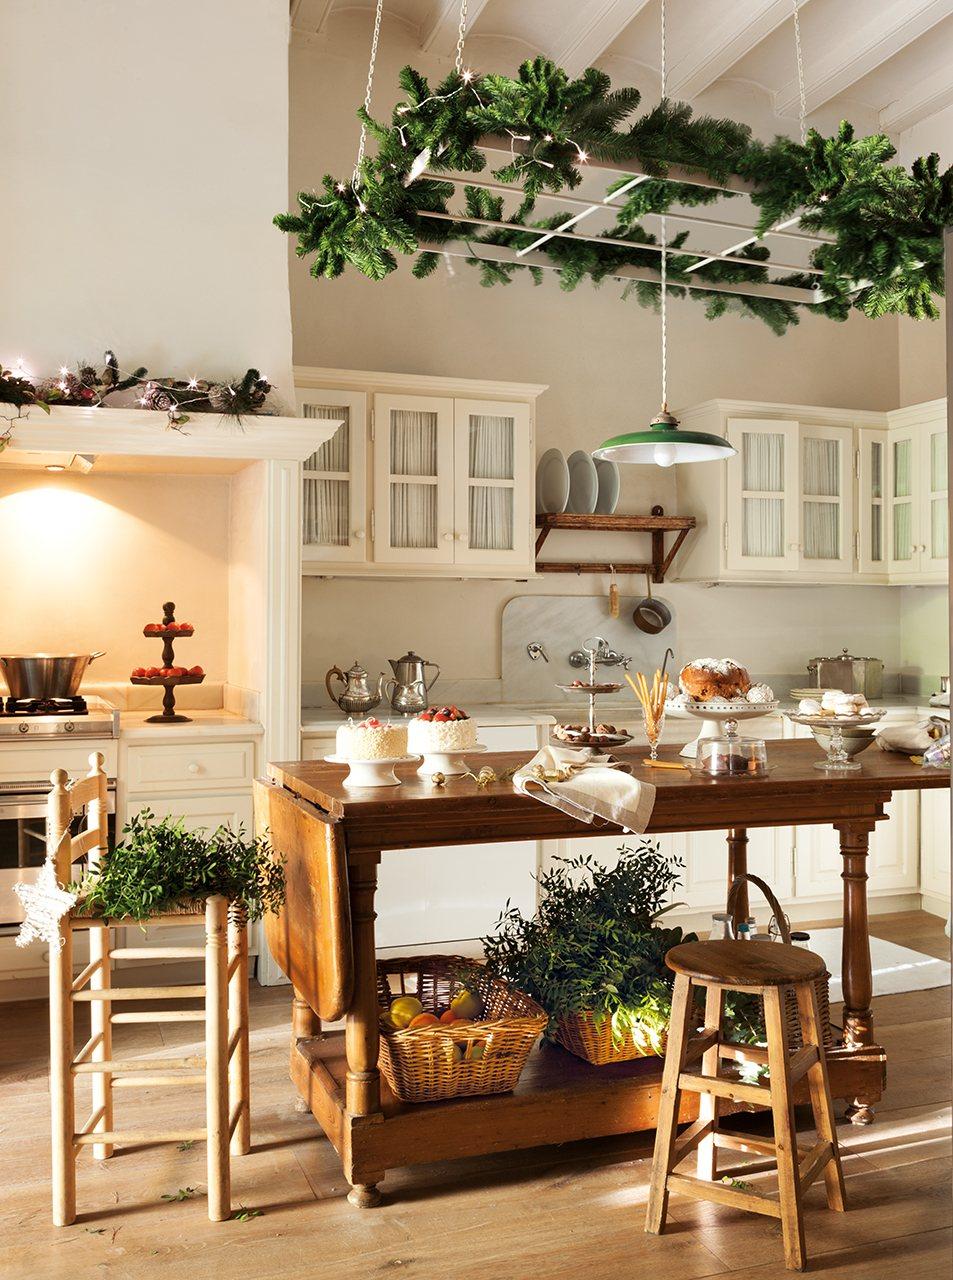 Casa r stica decorada de navidad en blanco - Casas decoradas en blanco ...